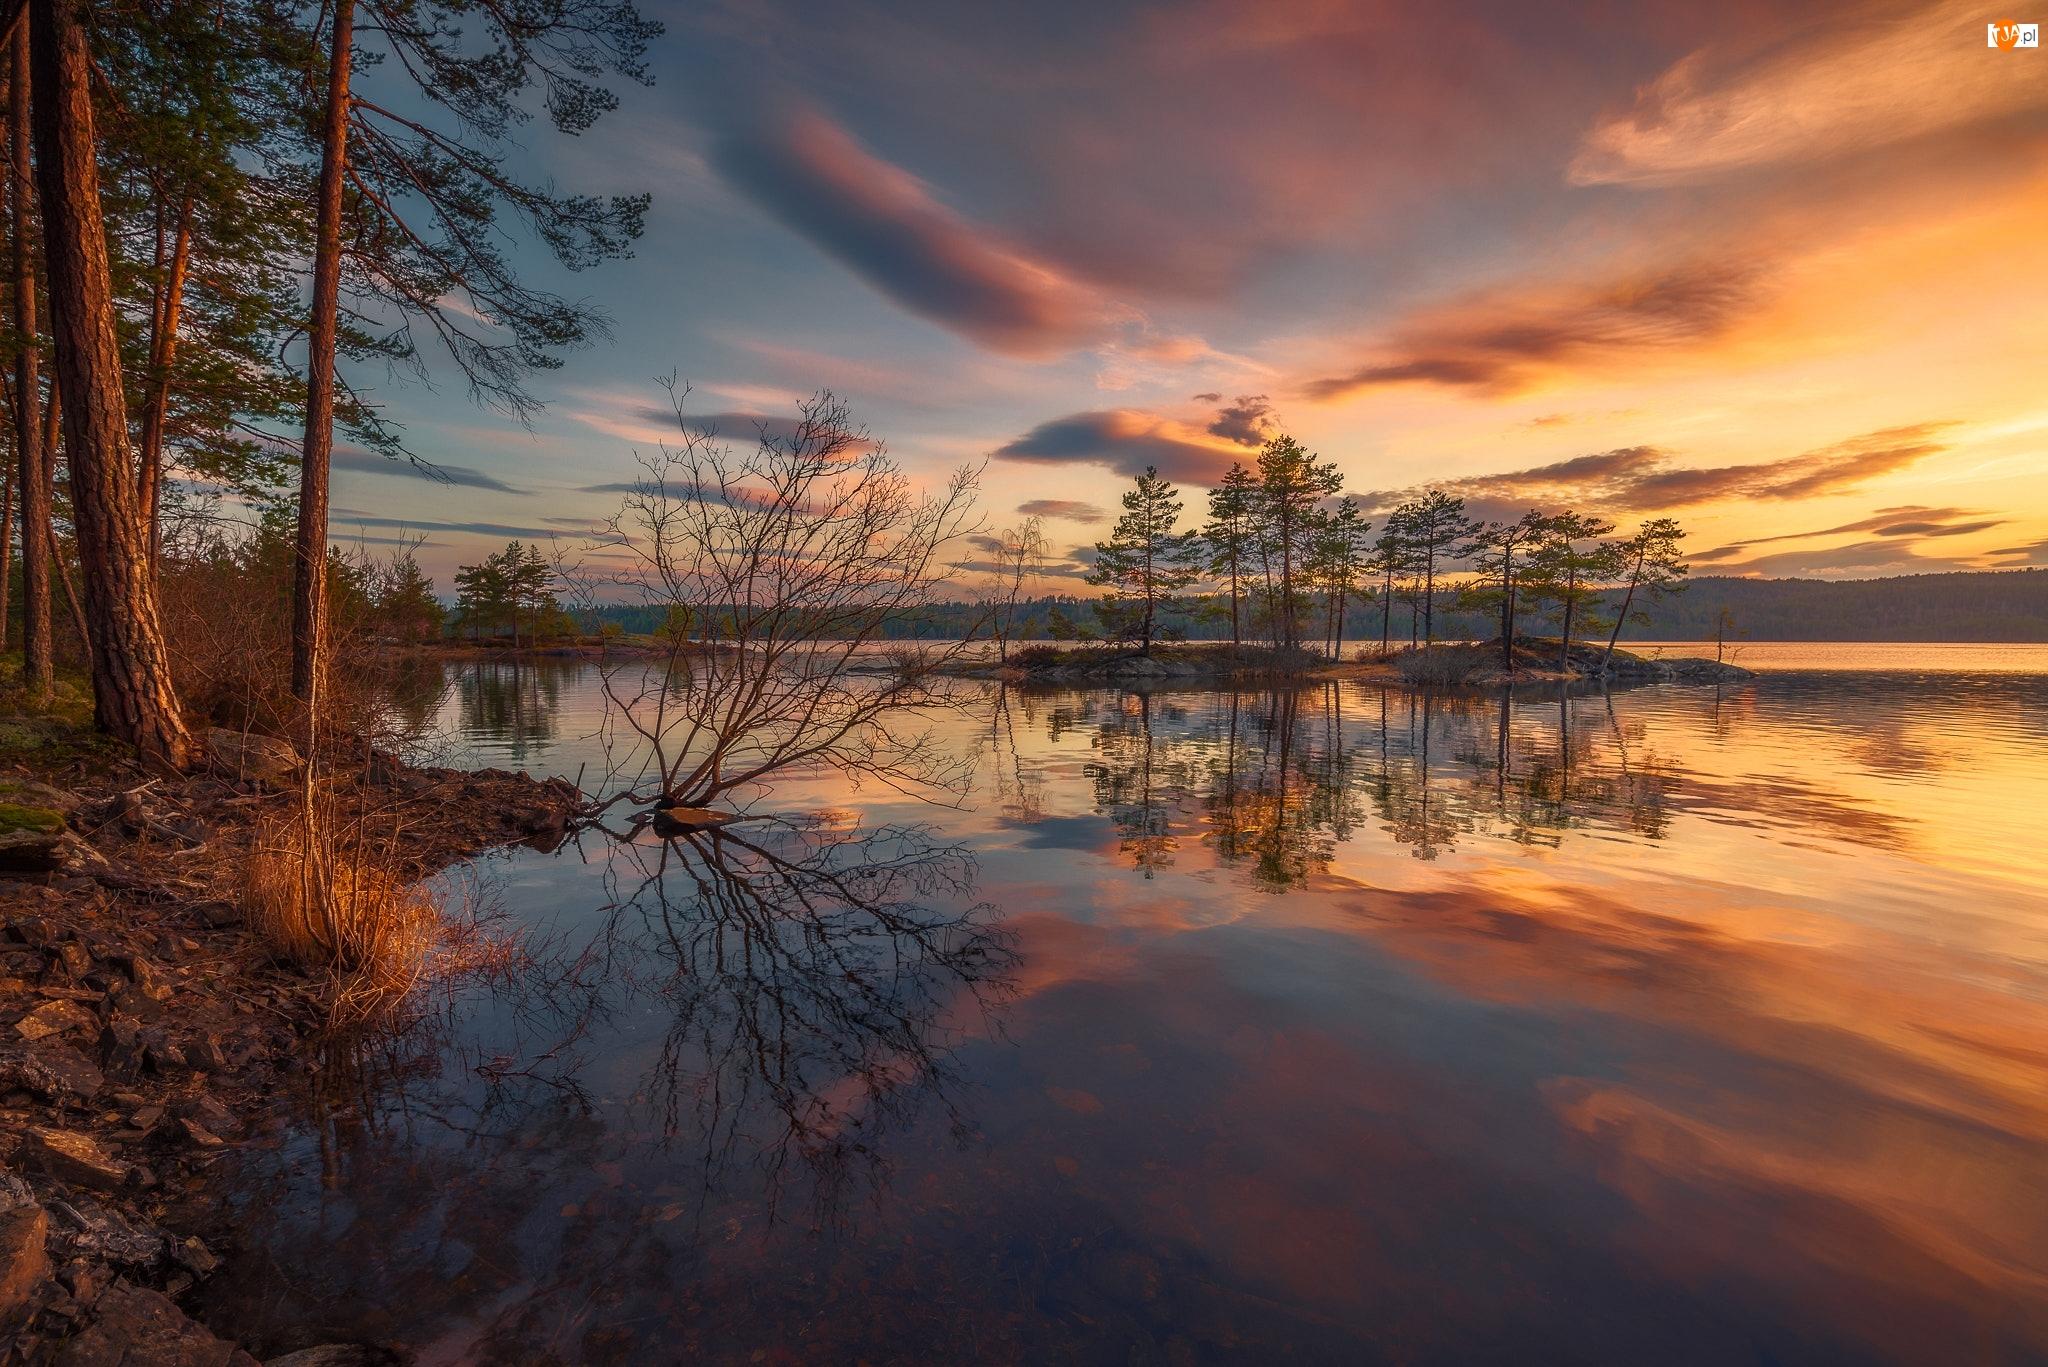 Wysepka, Drzewa, Norwegia, Jezioro, Gmina Ringerike, Chmury, Wschód słońca